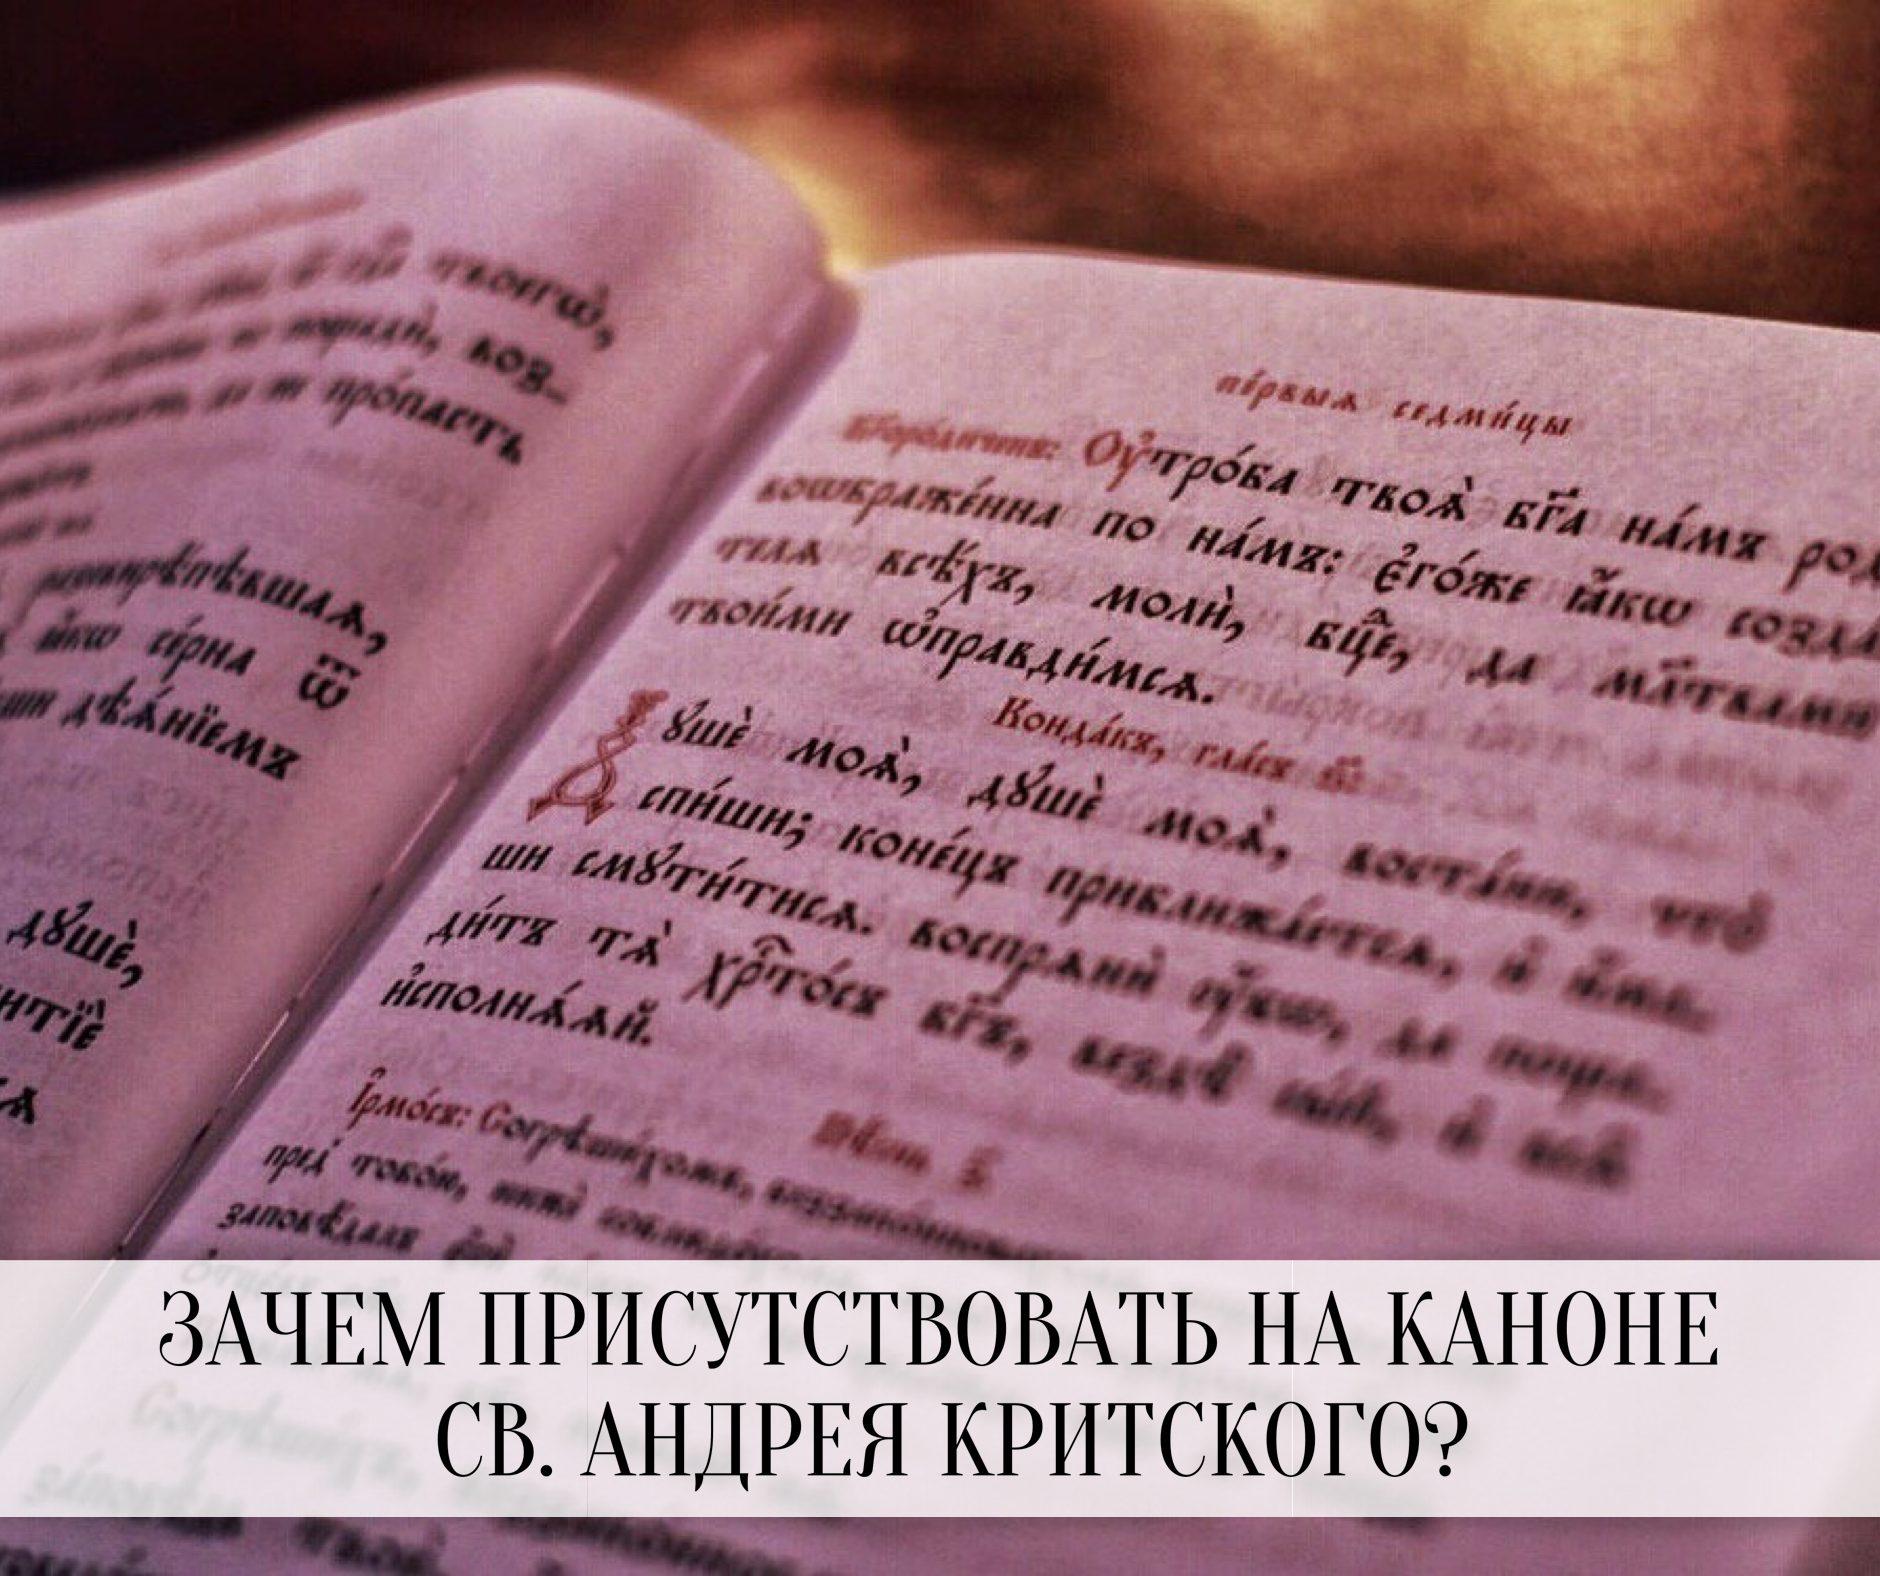 Епископ Сильвестр (Стойчев) «Зачем присутствовать на каноне св. Андрея Критского и делать земные поклоны?»